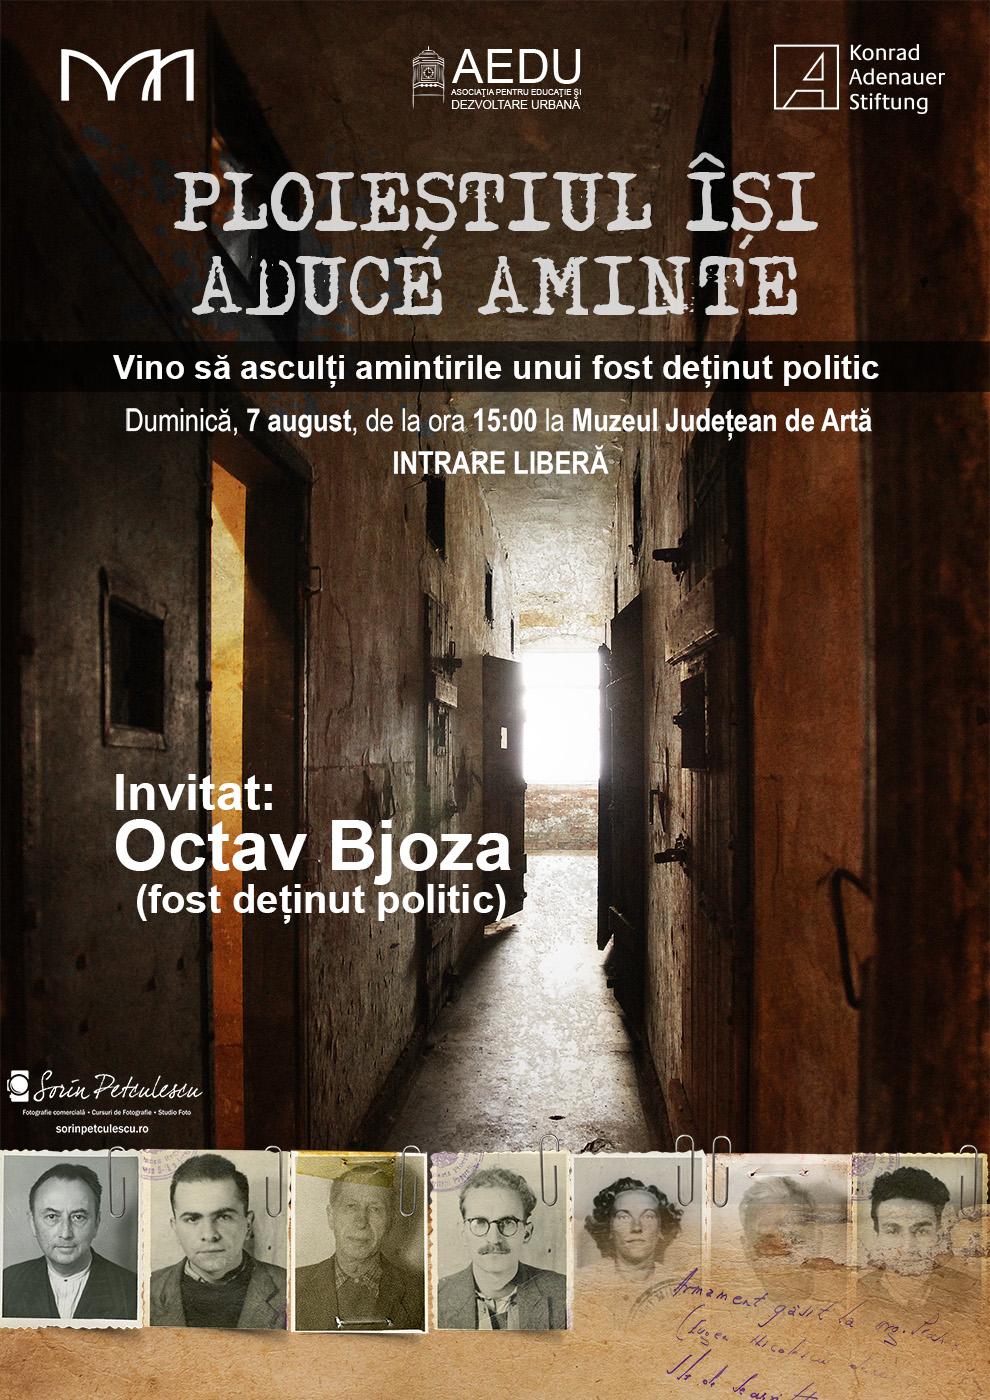 Ploiestiul isi aduce aminte - Conferință susținută de Octav Bjoza